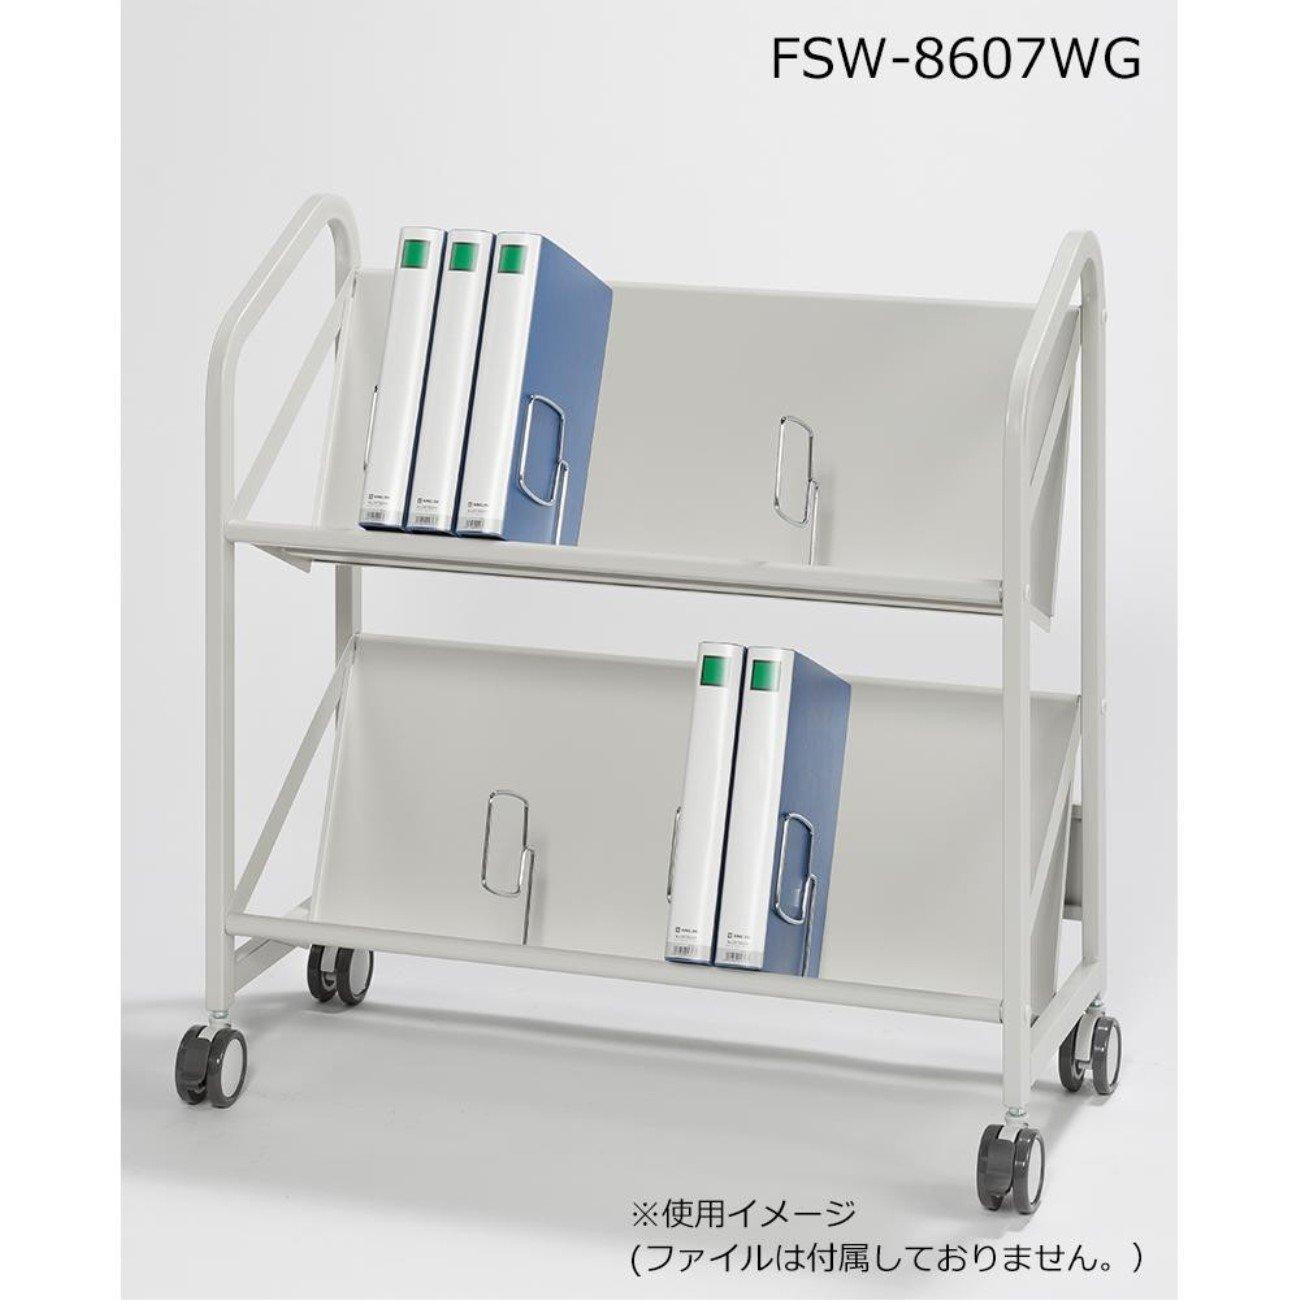 収納家具 ファイルワゴン 2段 FSW-8607WG B06Y6HZKS7